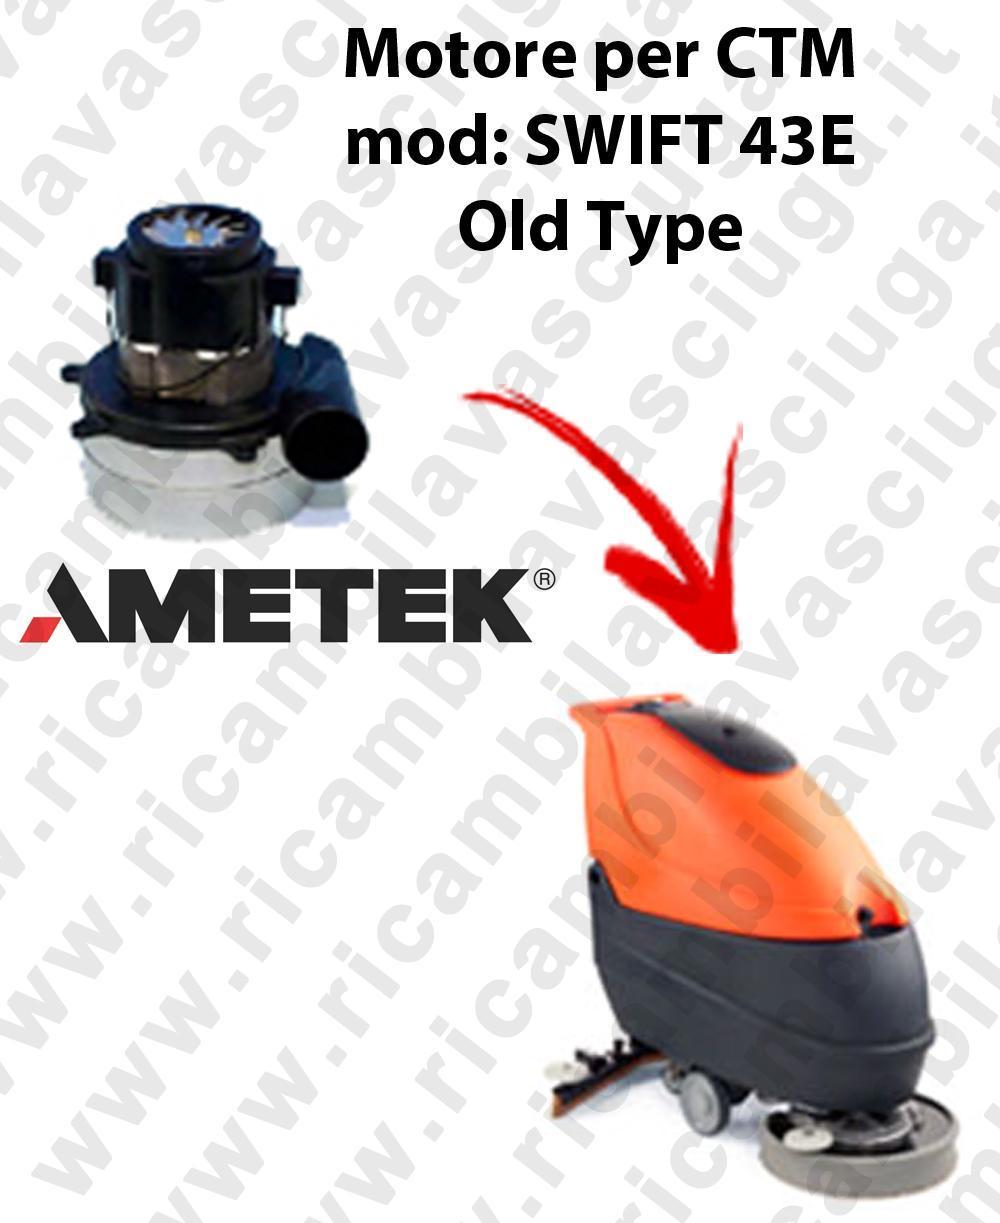 SWIFT 43 et Old Type MOTEUR SYNCLEAN aspiration pour autolaveuses CTM